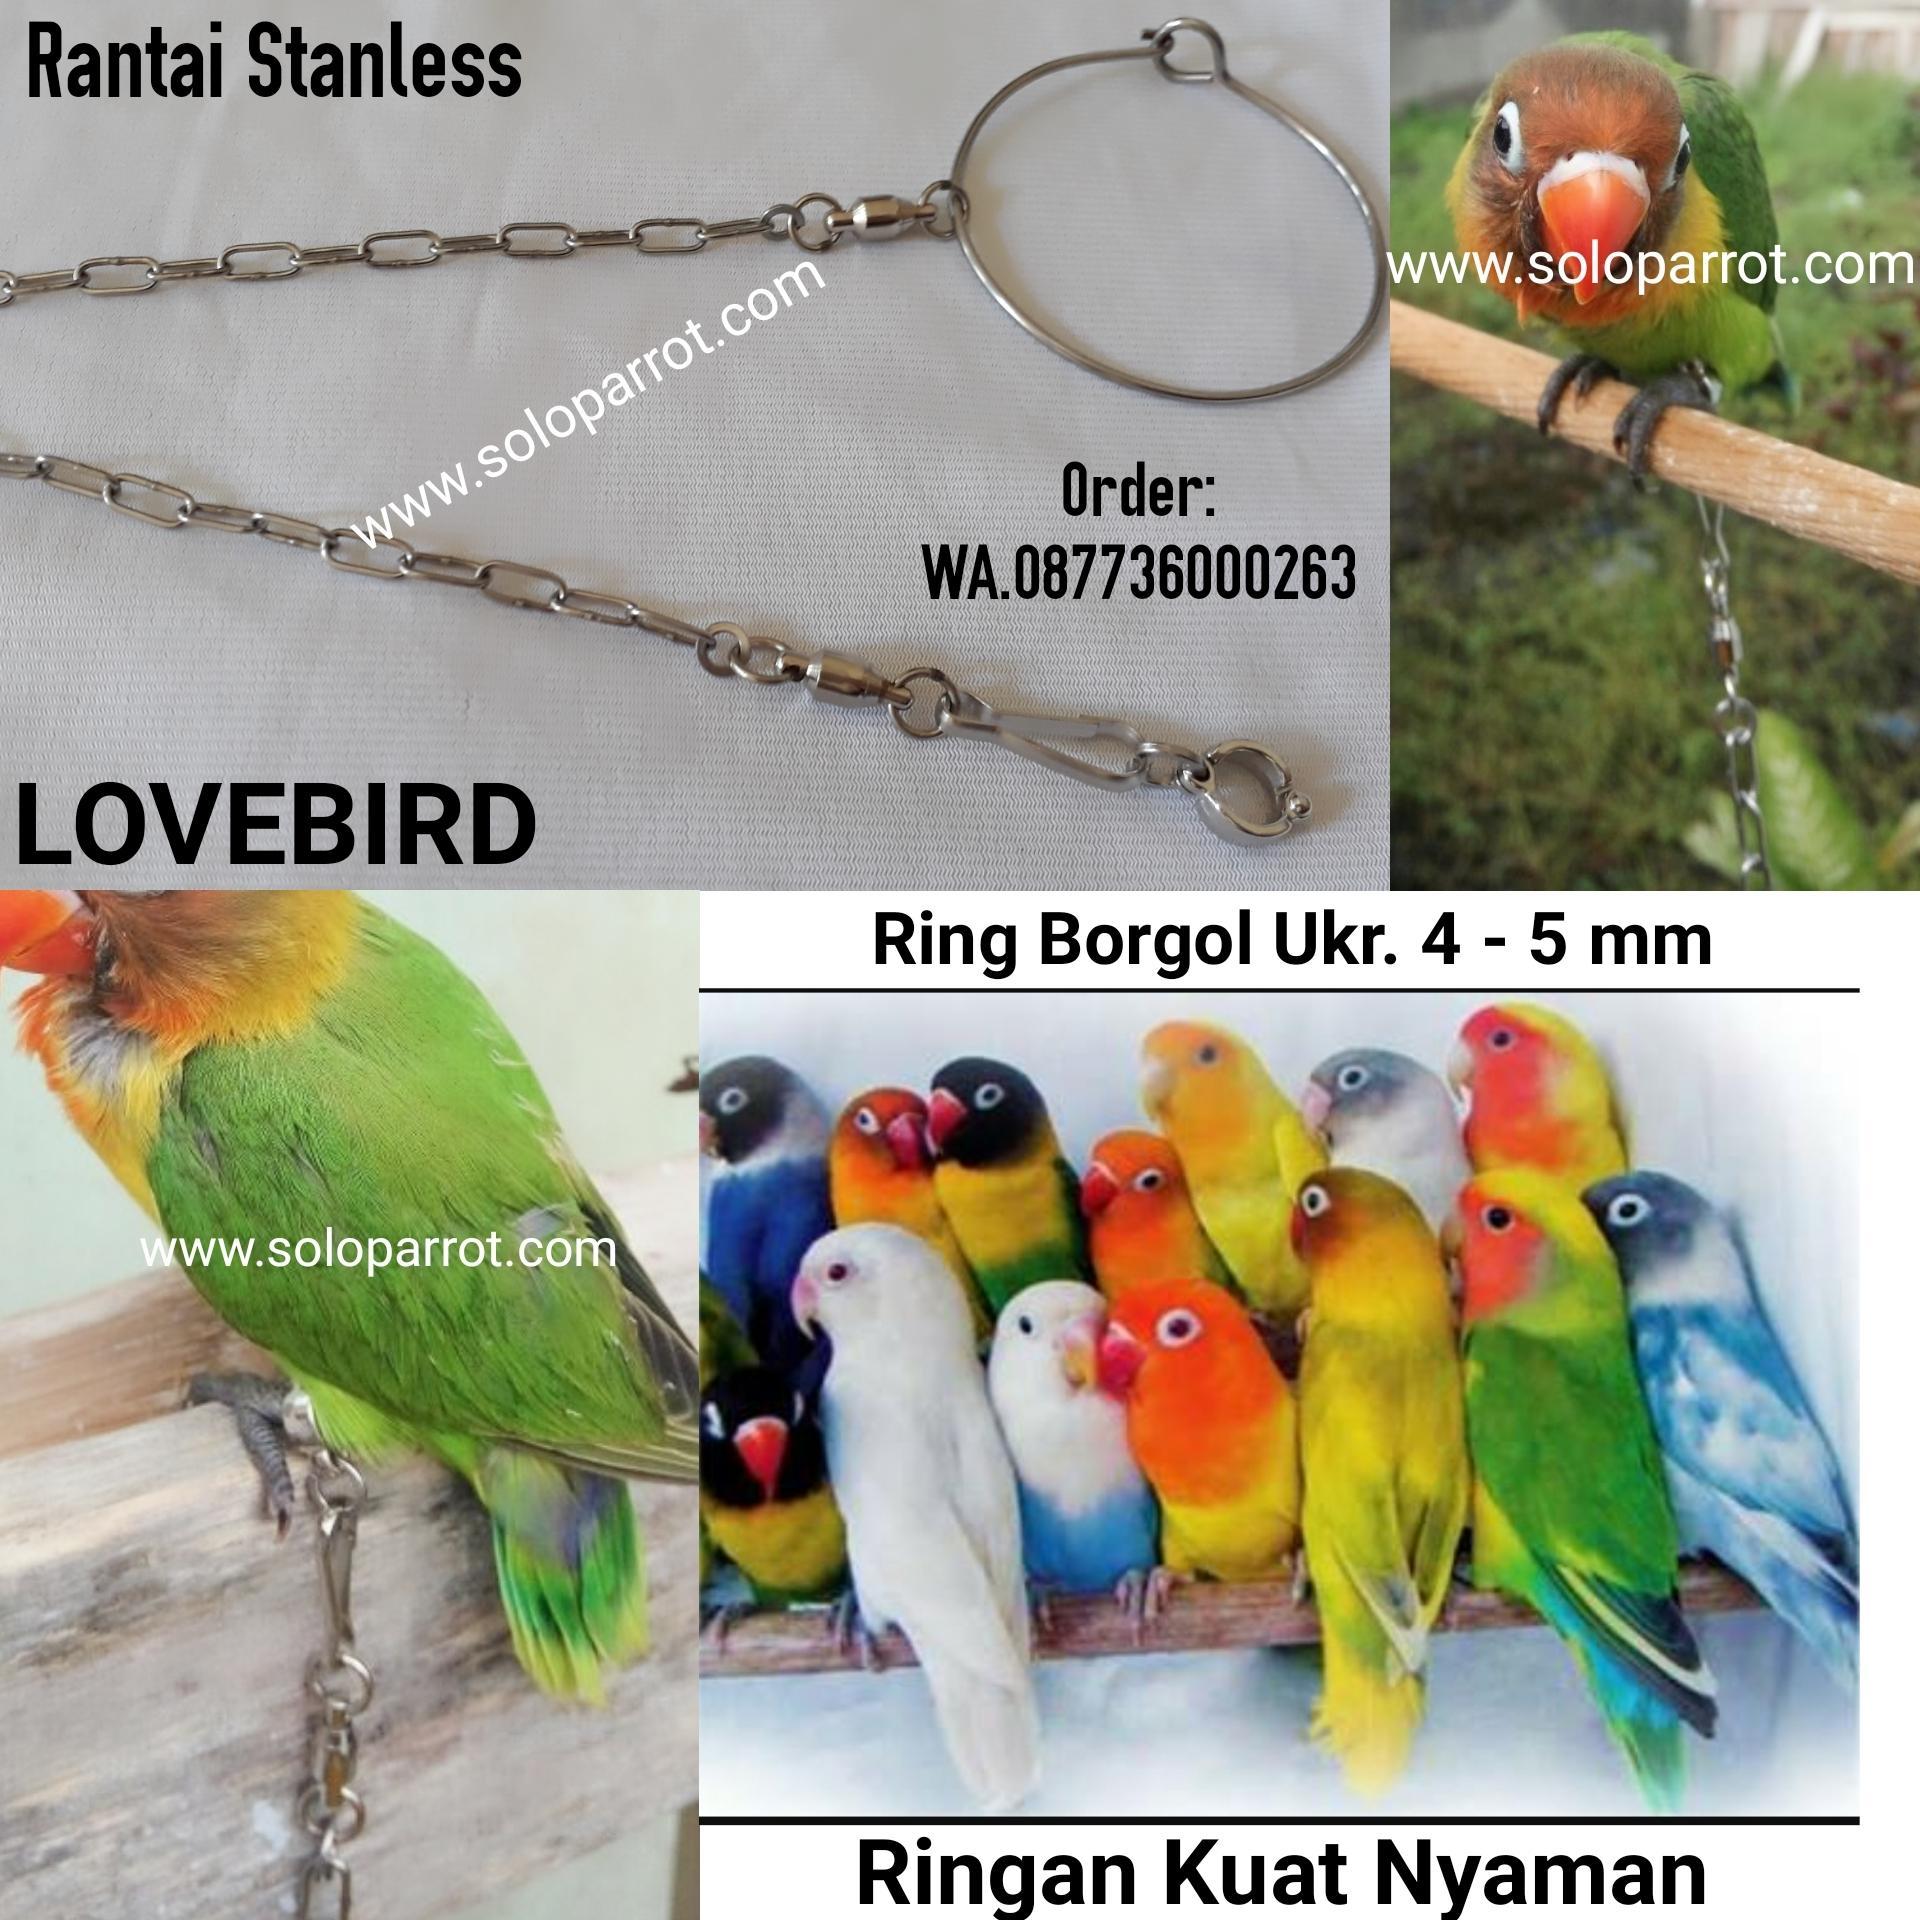 Buy Sell Cheapest Rantai Burung Lovebird Best Quality Product Gantungan Karet Oriq Jaya Anti Slip Sangkar Kandang Murai Kacer Anis Kenari Pleci Cucak Dll Buat